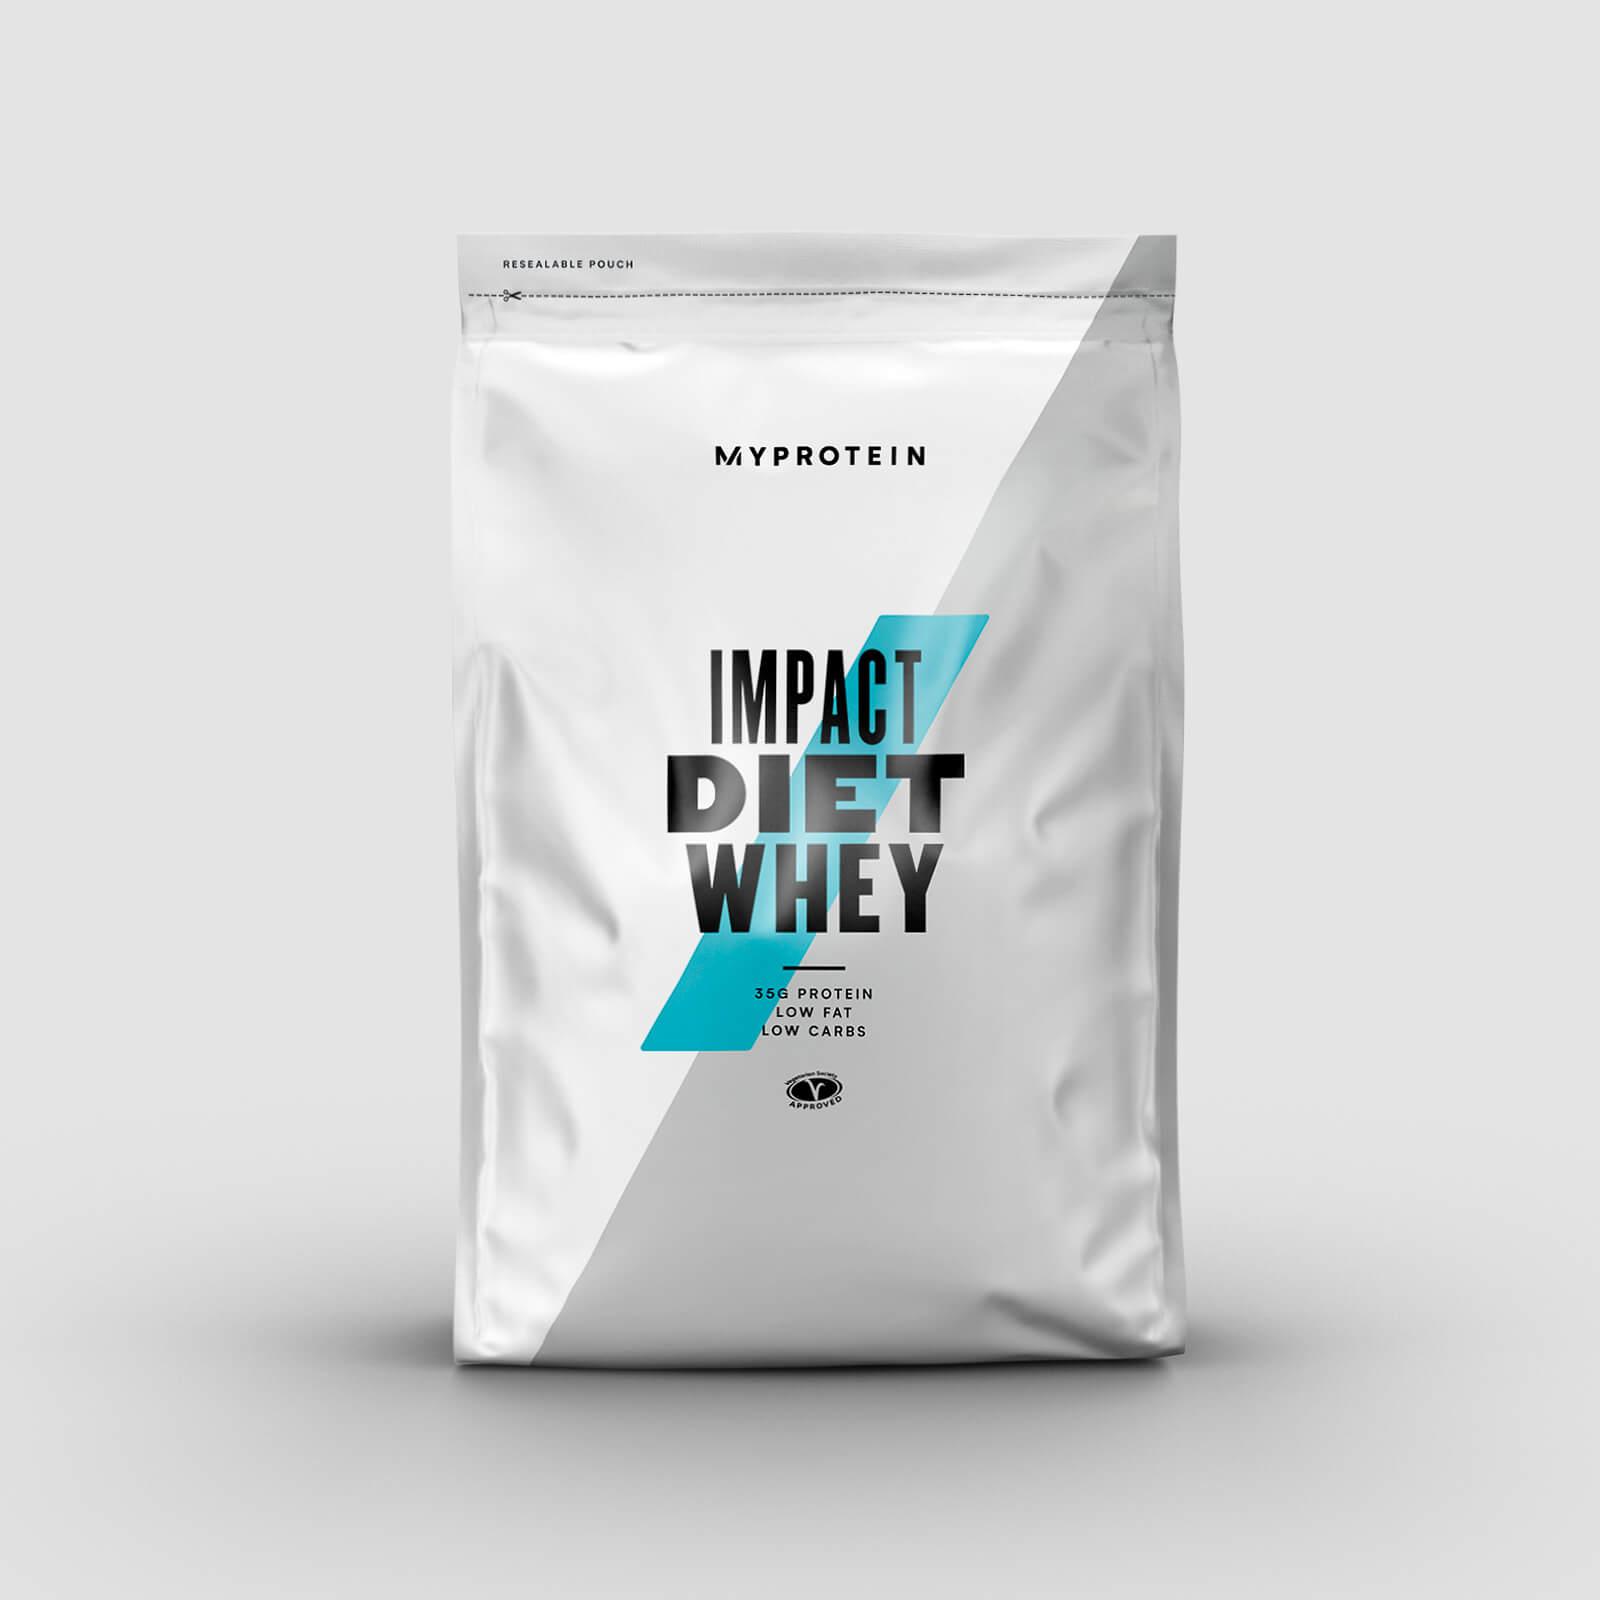 Myprotein Impact Diet Whey - 2.5kg - Menthe chocolat